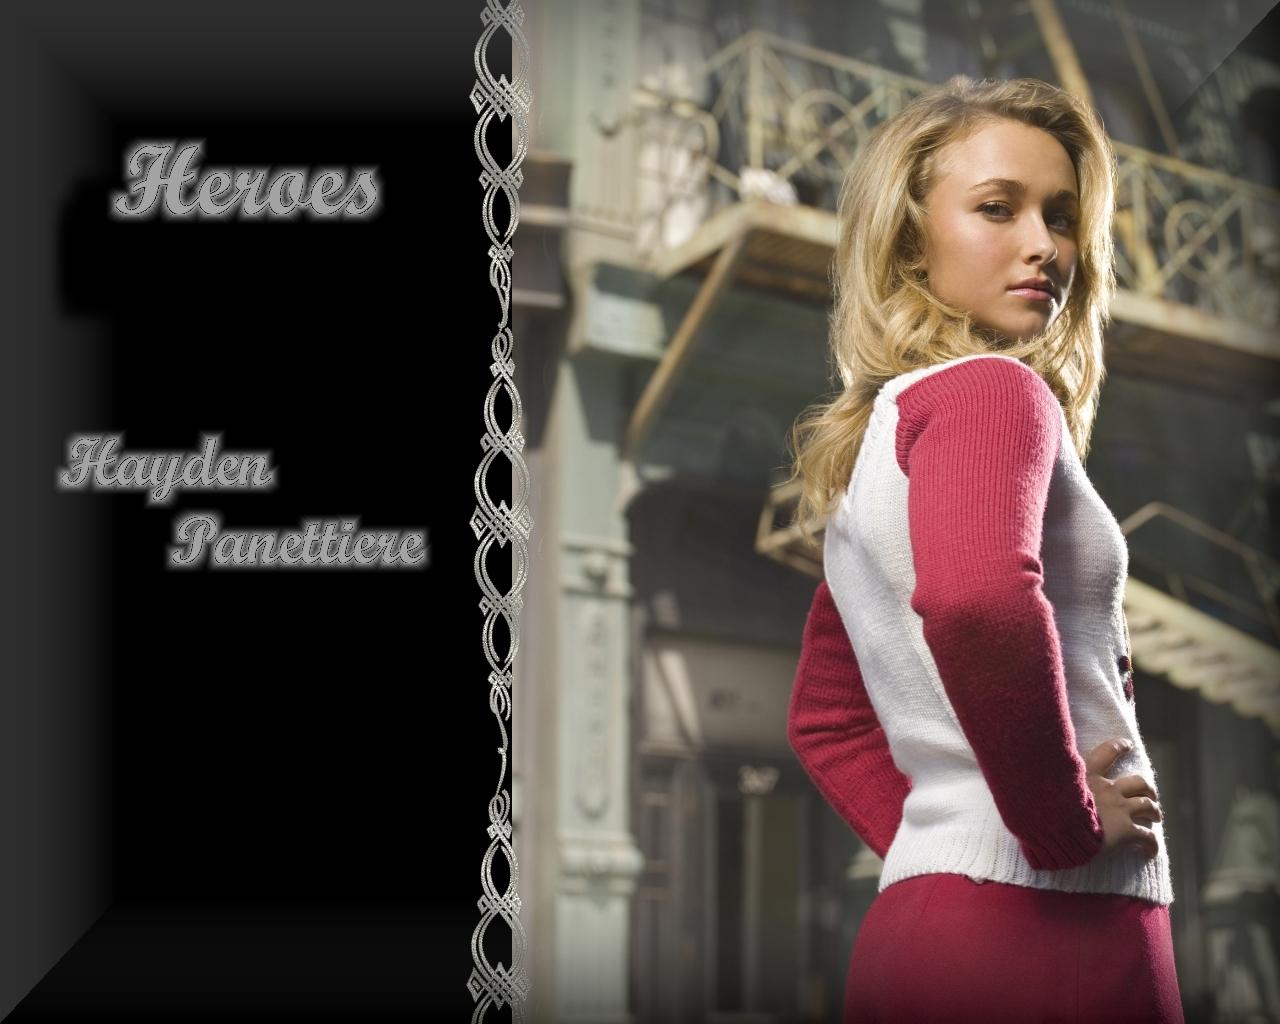 http://tvmegasite.net/images/primetime/heroes/wallpapers/1280x1024hayden_panettiere.jpg